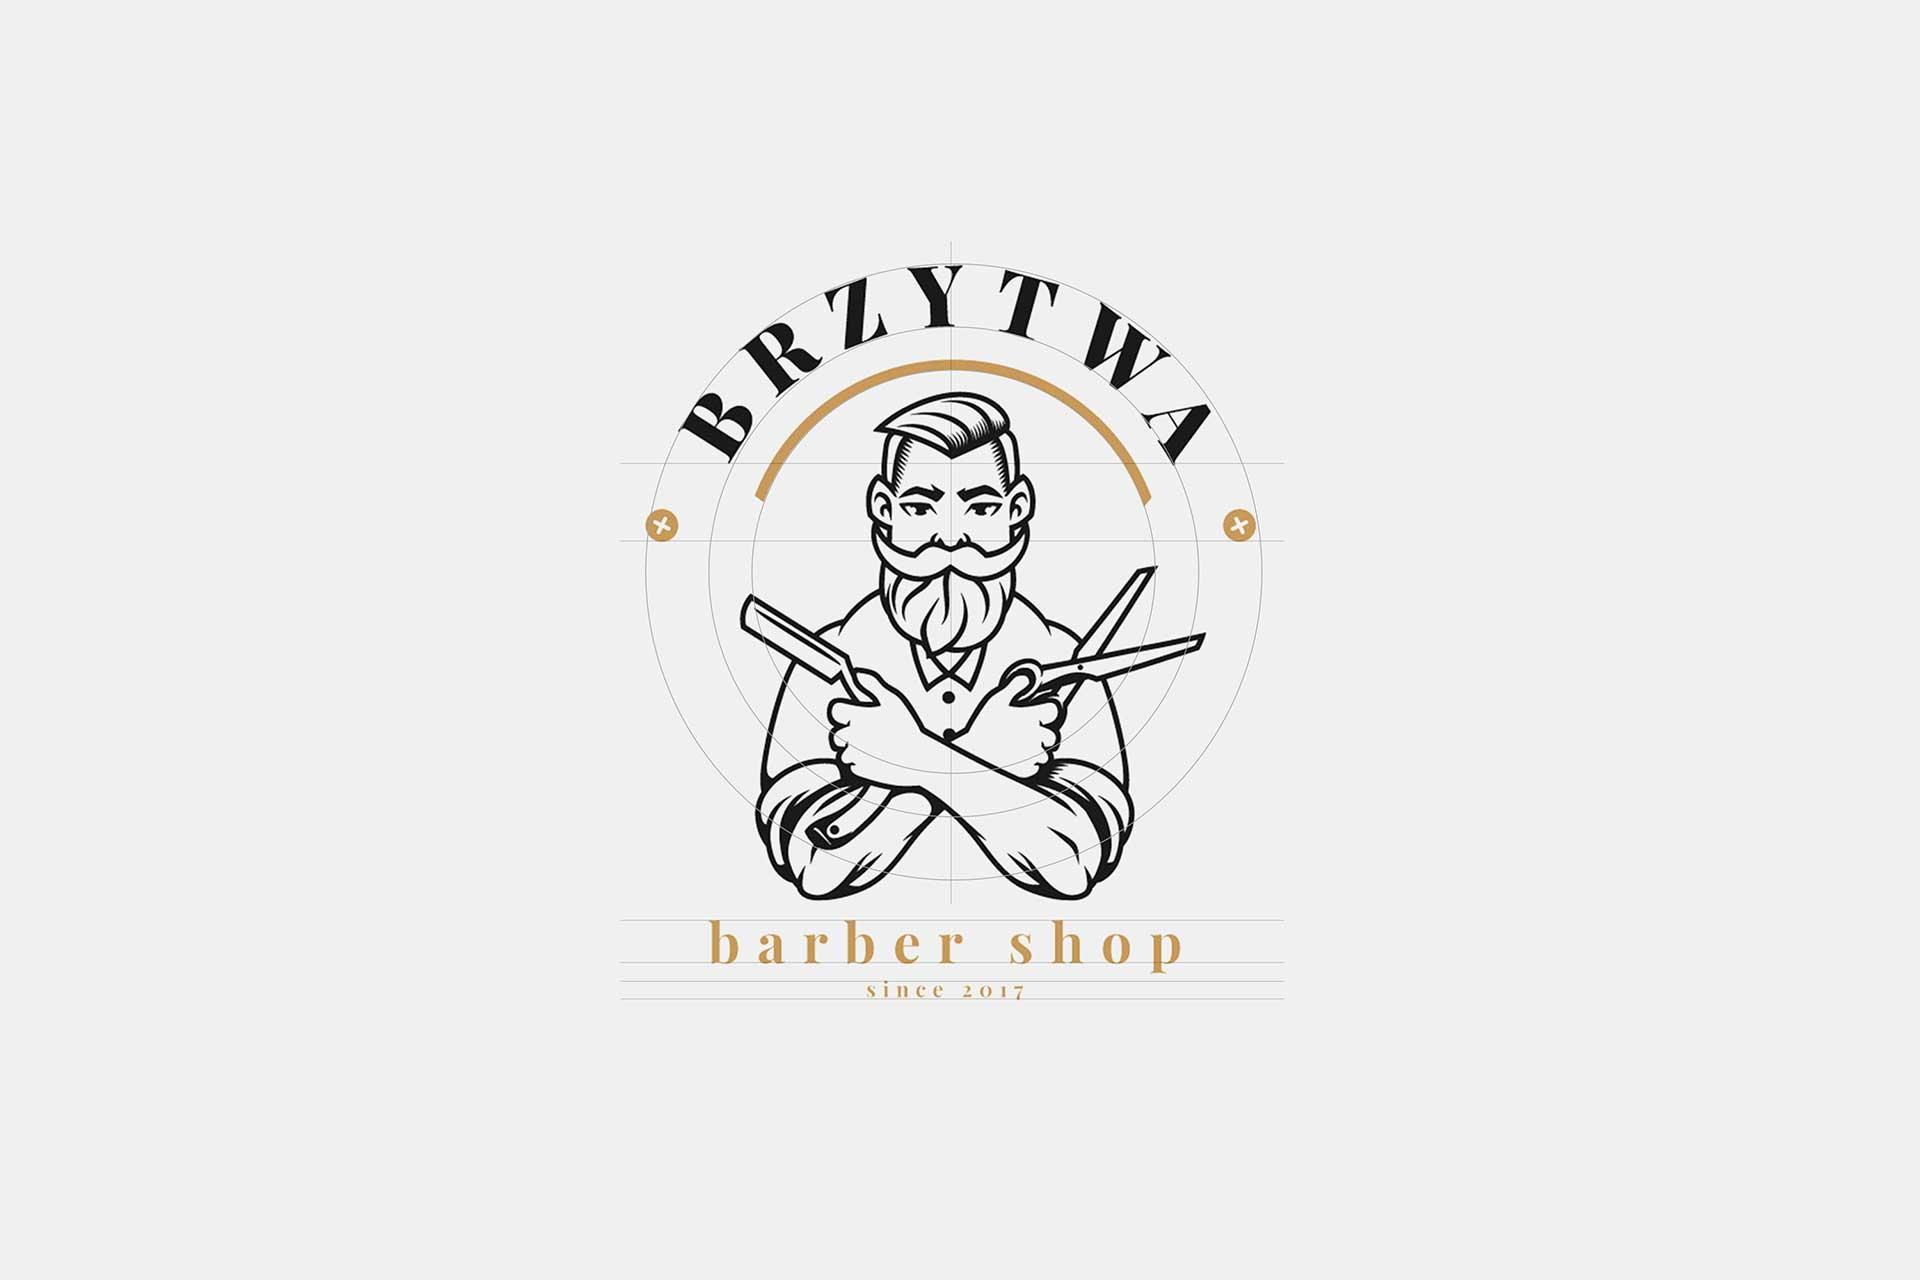 Identyfikacja wizualna w Cobance Studio - case study Brzytwa BarberShop logo barber